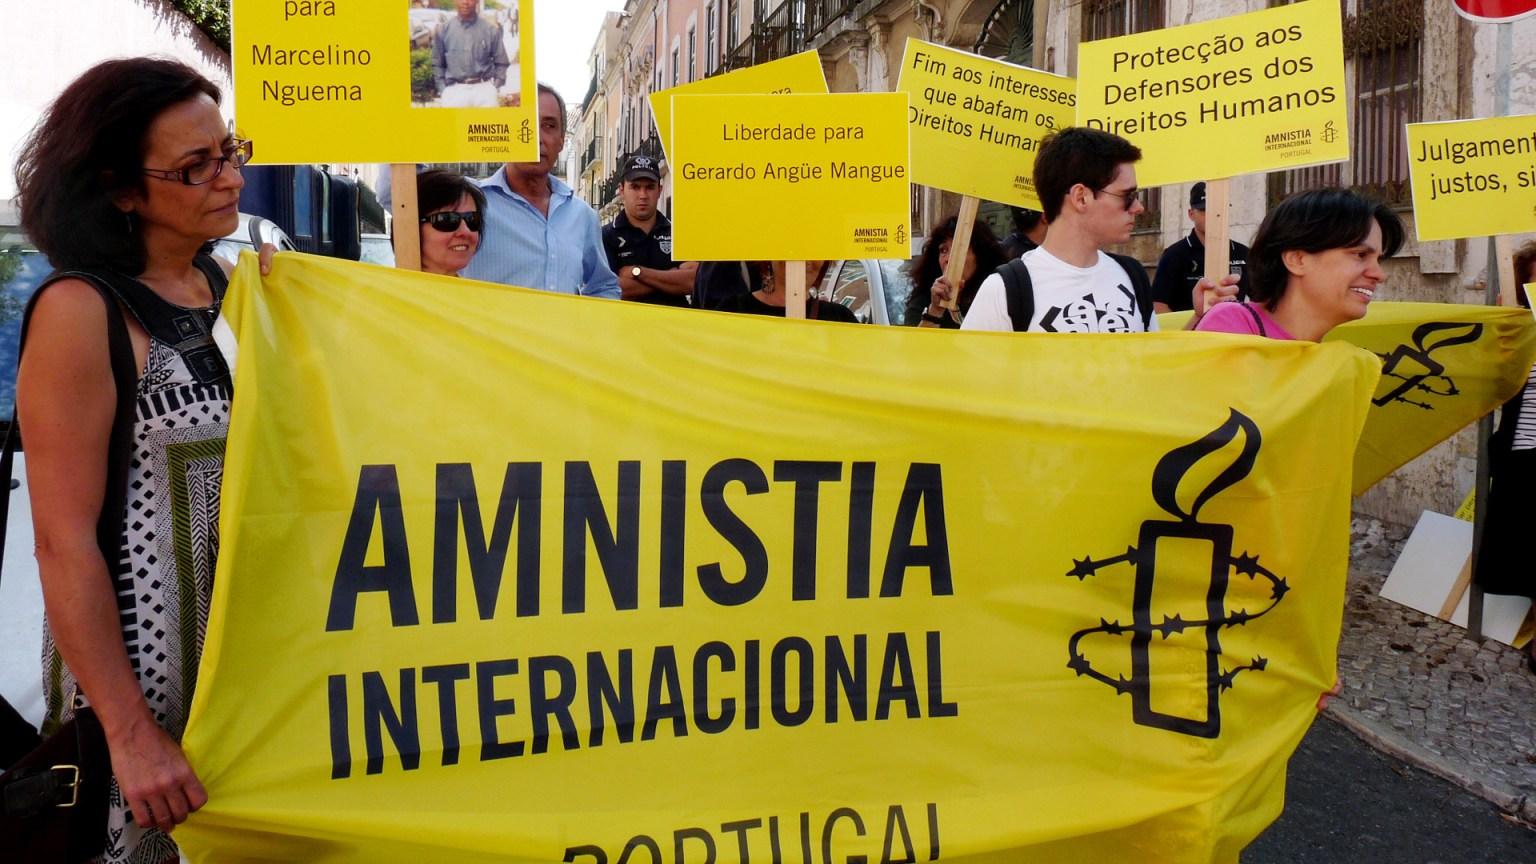 amnistia internacional portugal-ACEGIS